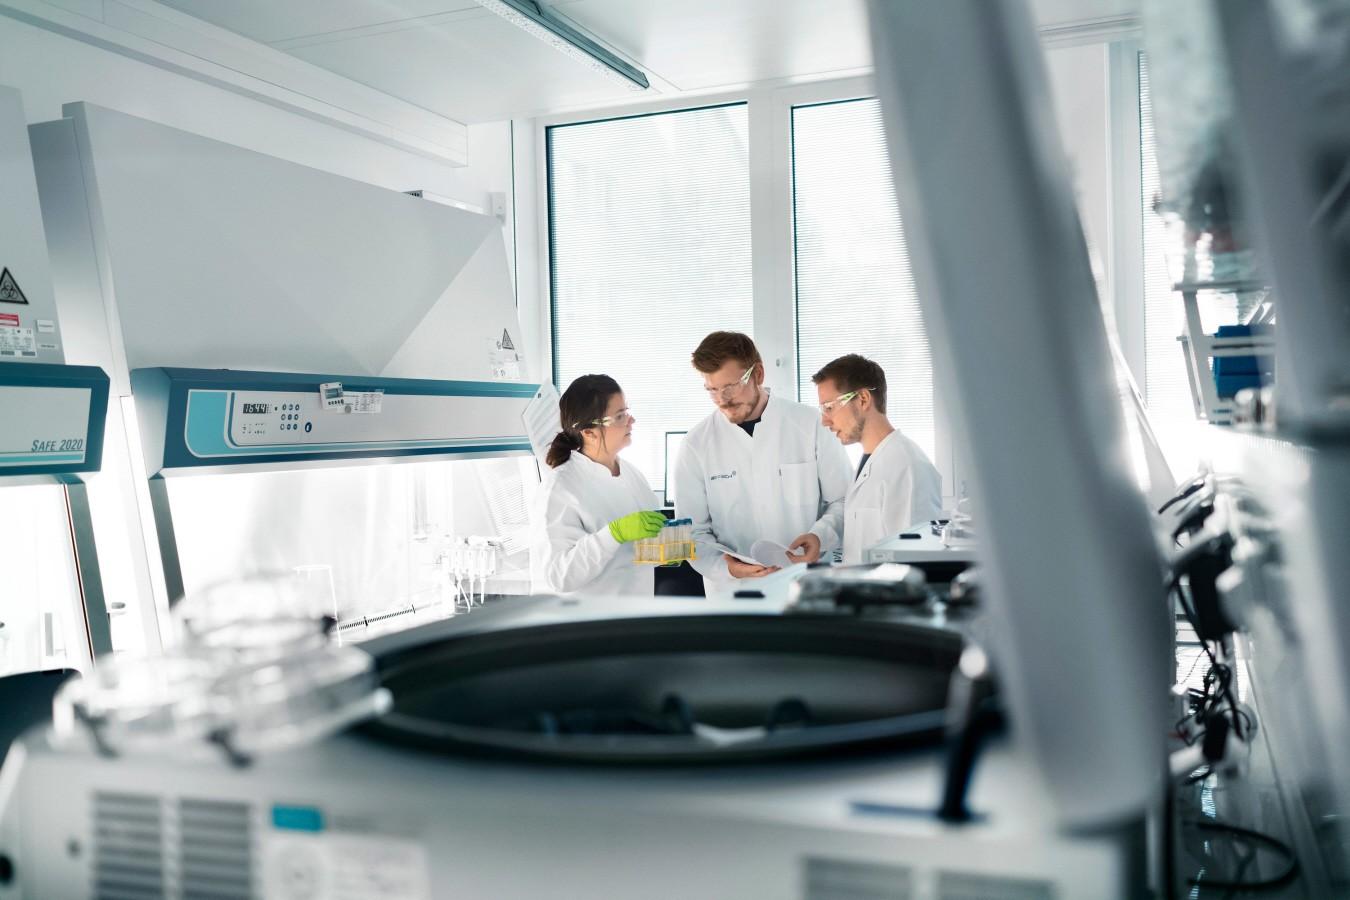 Vacuna Corona: laboratorio de la empresa Biontech de Mainz